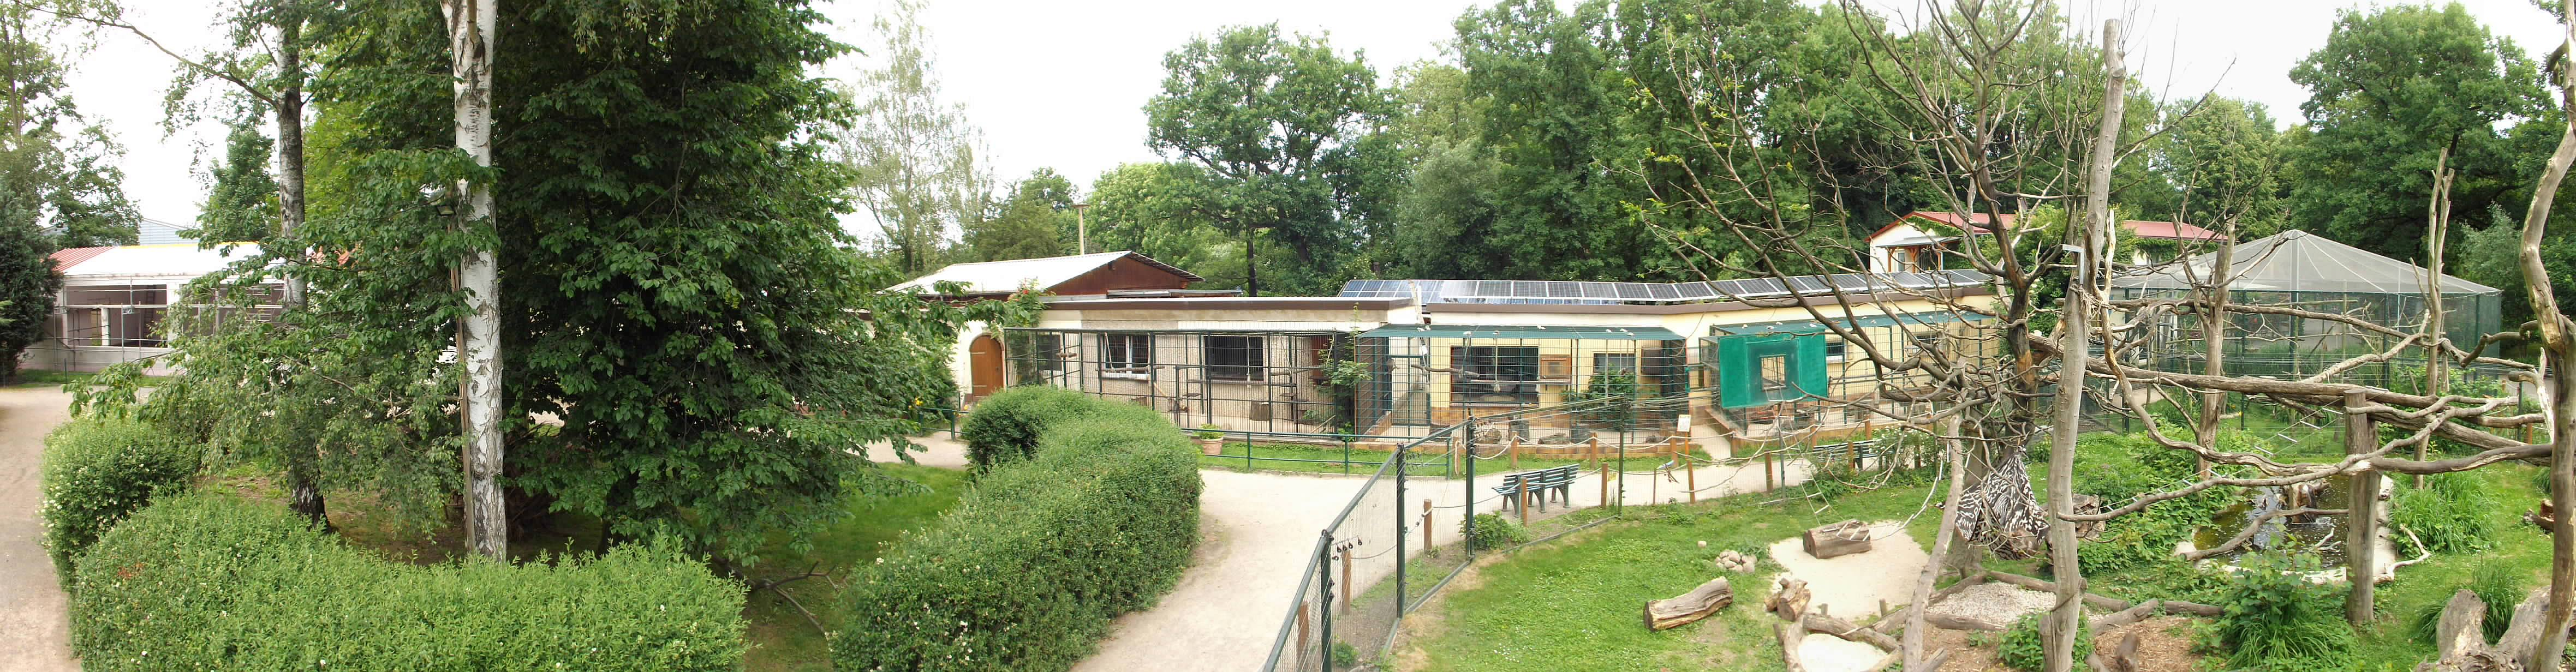 Hutaffenanlage, links die Baustelle des neuen Tropicana (Tierpark Eilenburg)